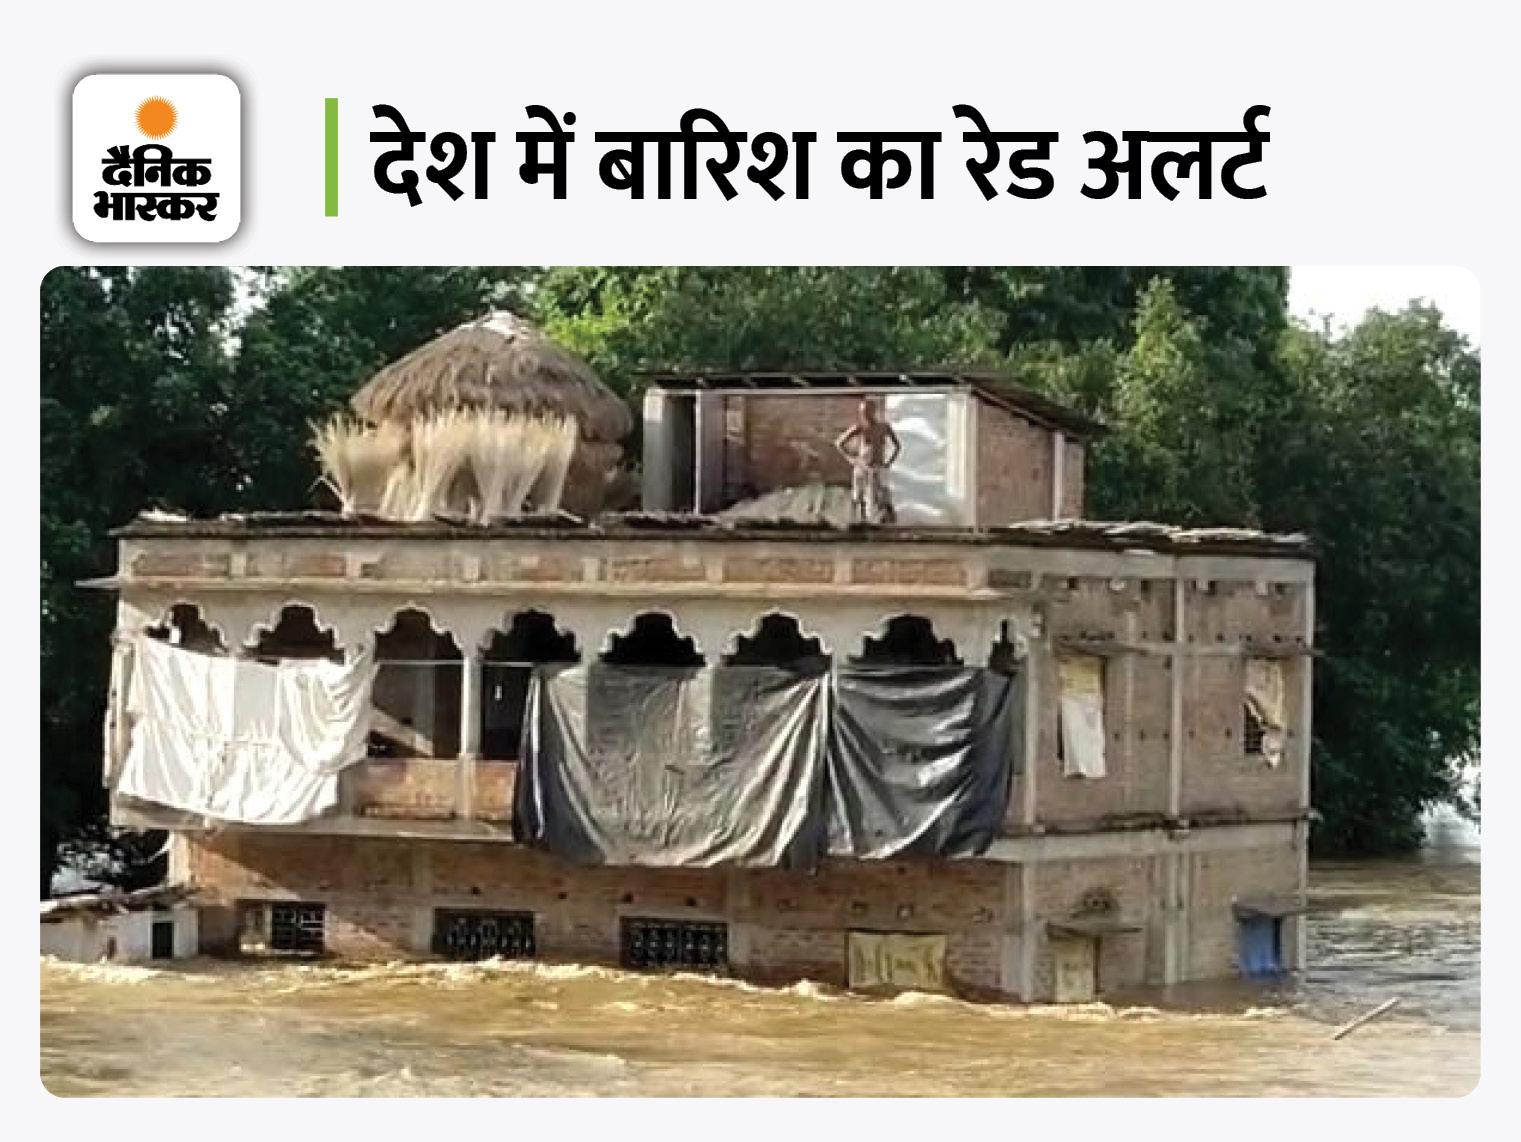 बंगाल के कई इलाकों में घरों में पानी भर गया है। लोग छत पर रहने के लिए मजबूर हैं।